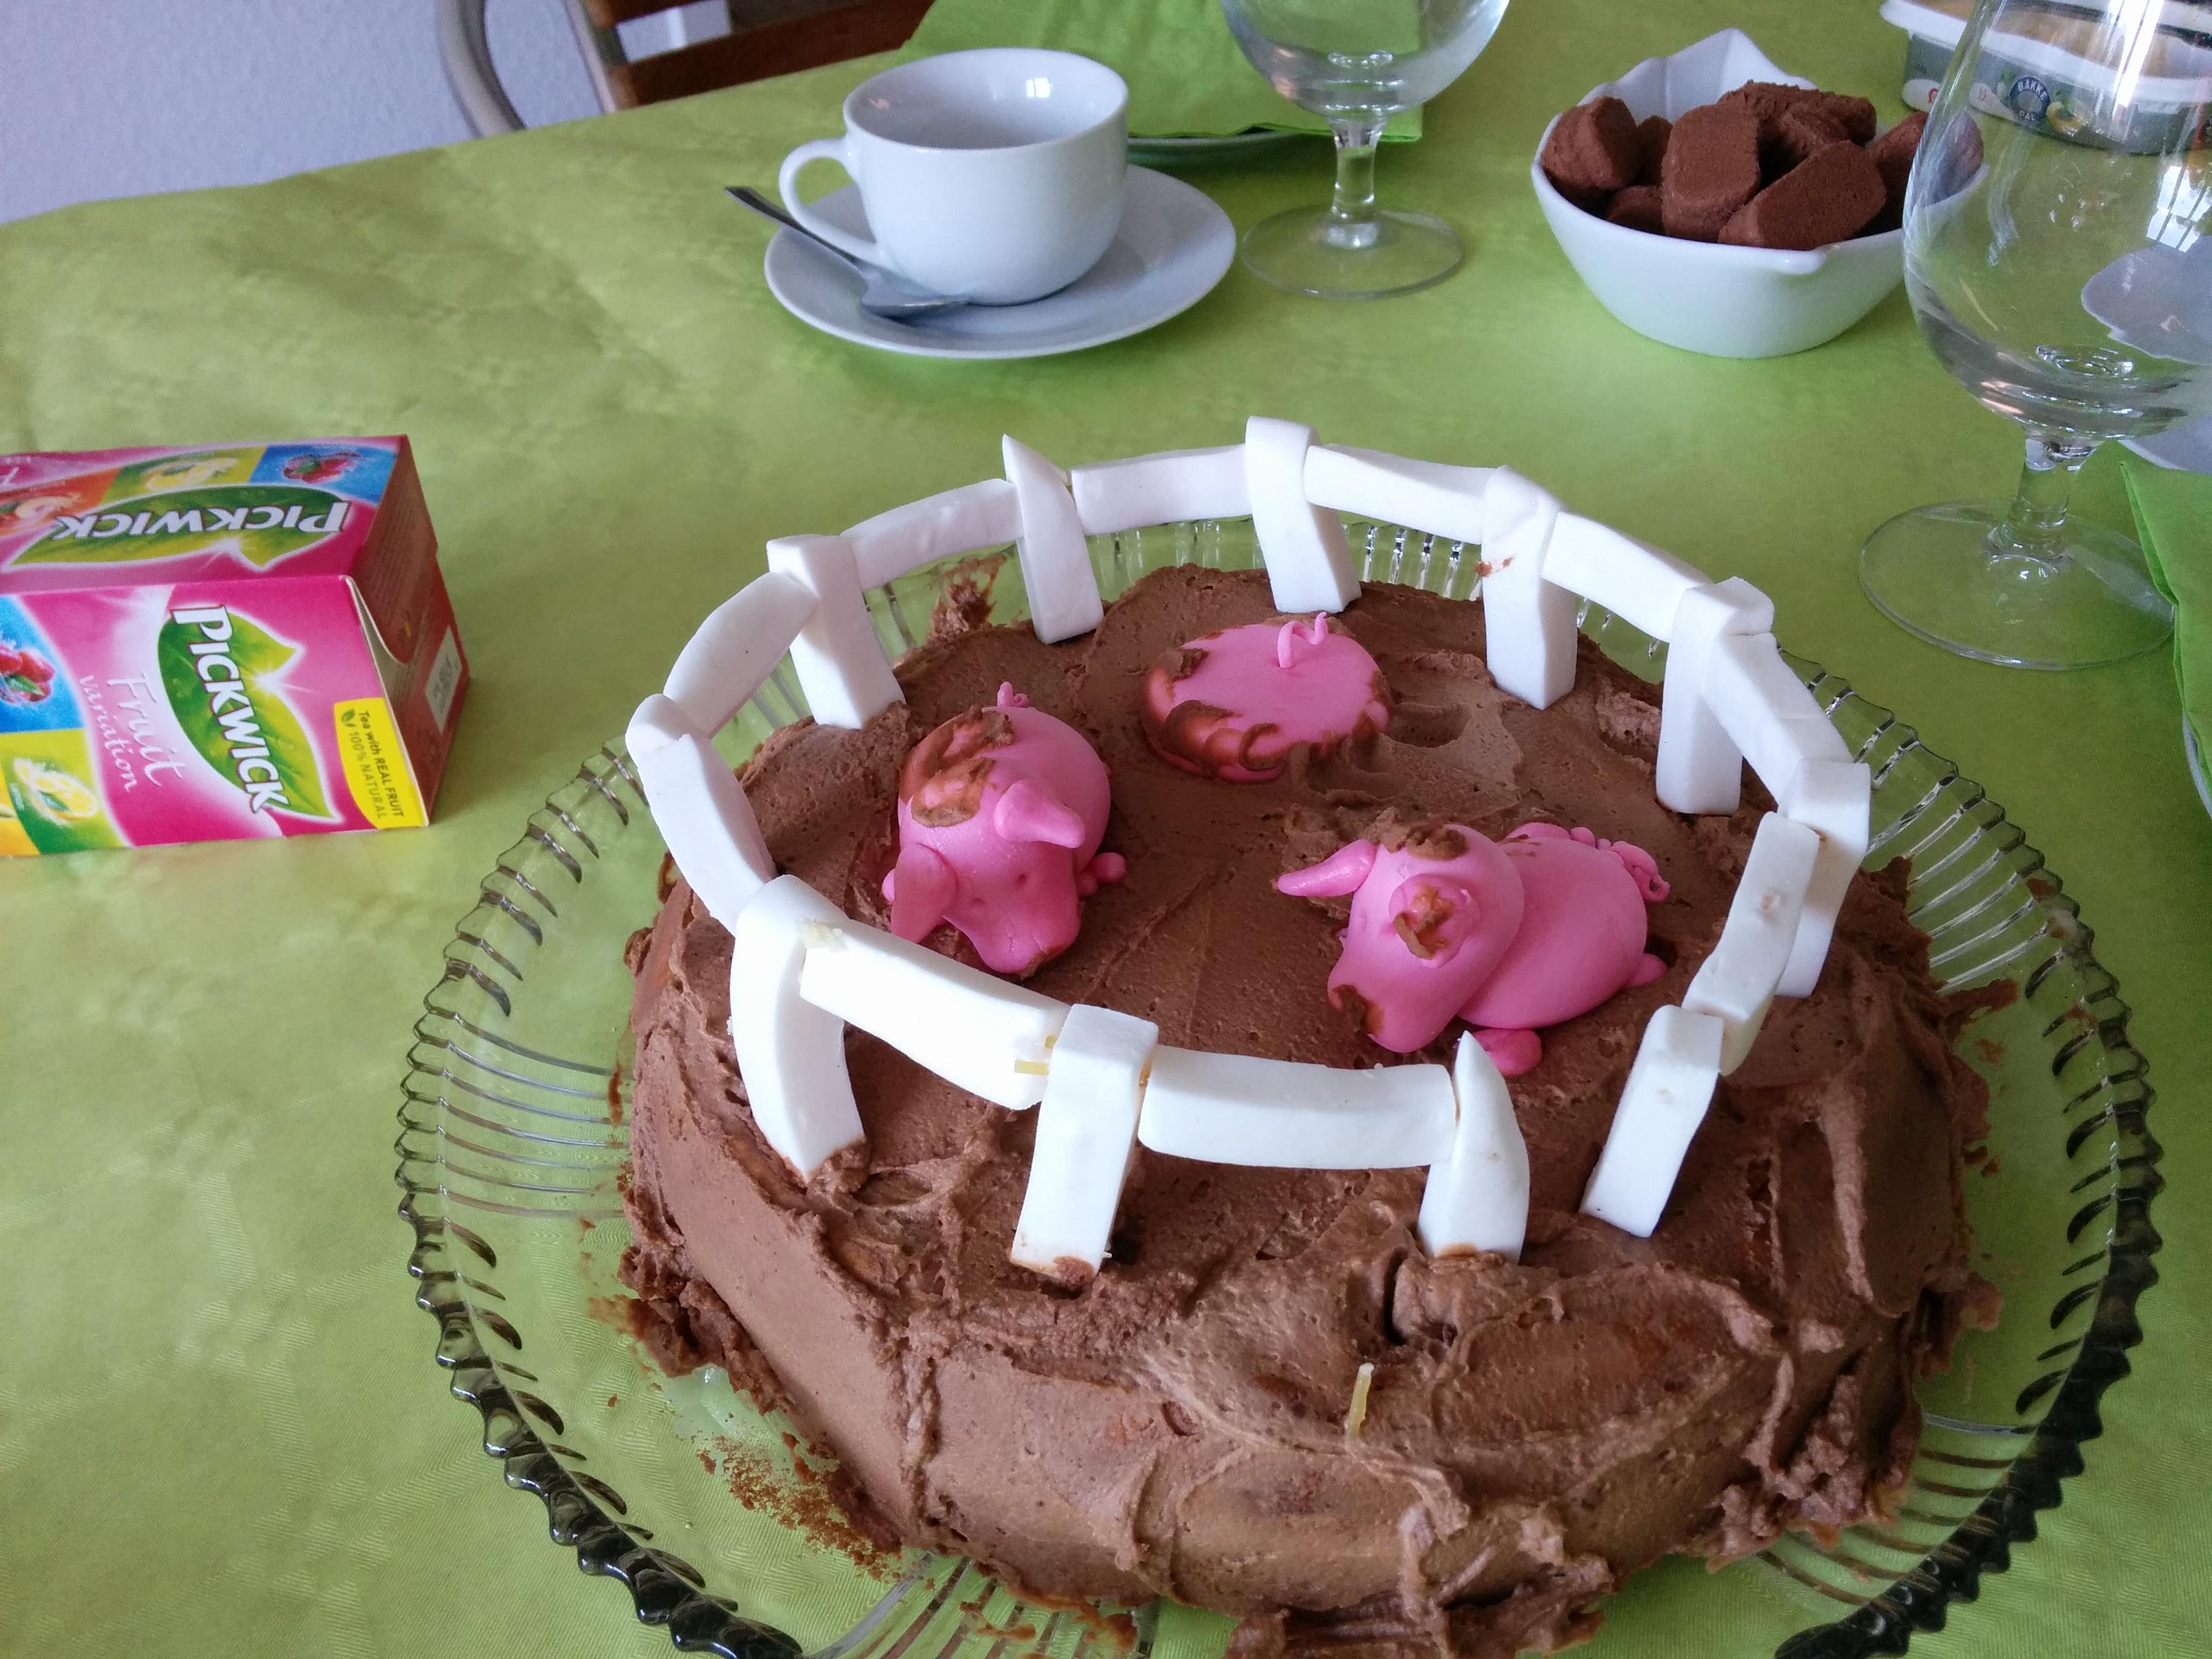 Dette er så dan anden lagkage jeg lavede. Denn er med vanilie kagecreame og knuste rutebiler (kagen).